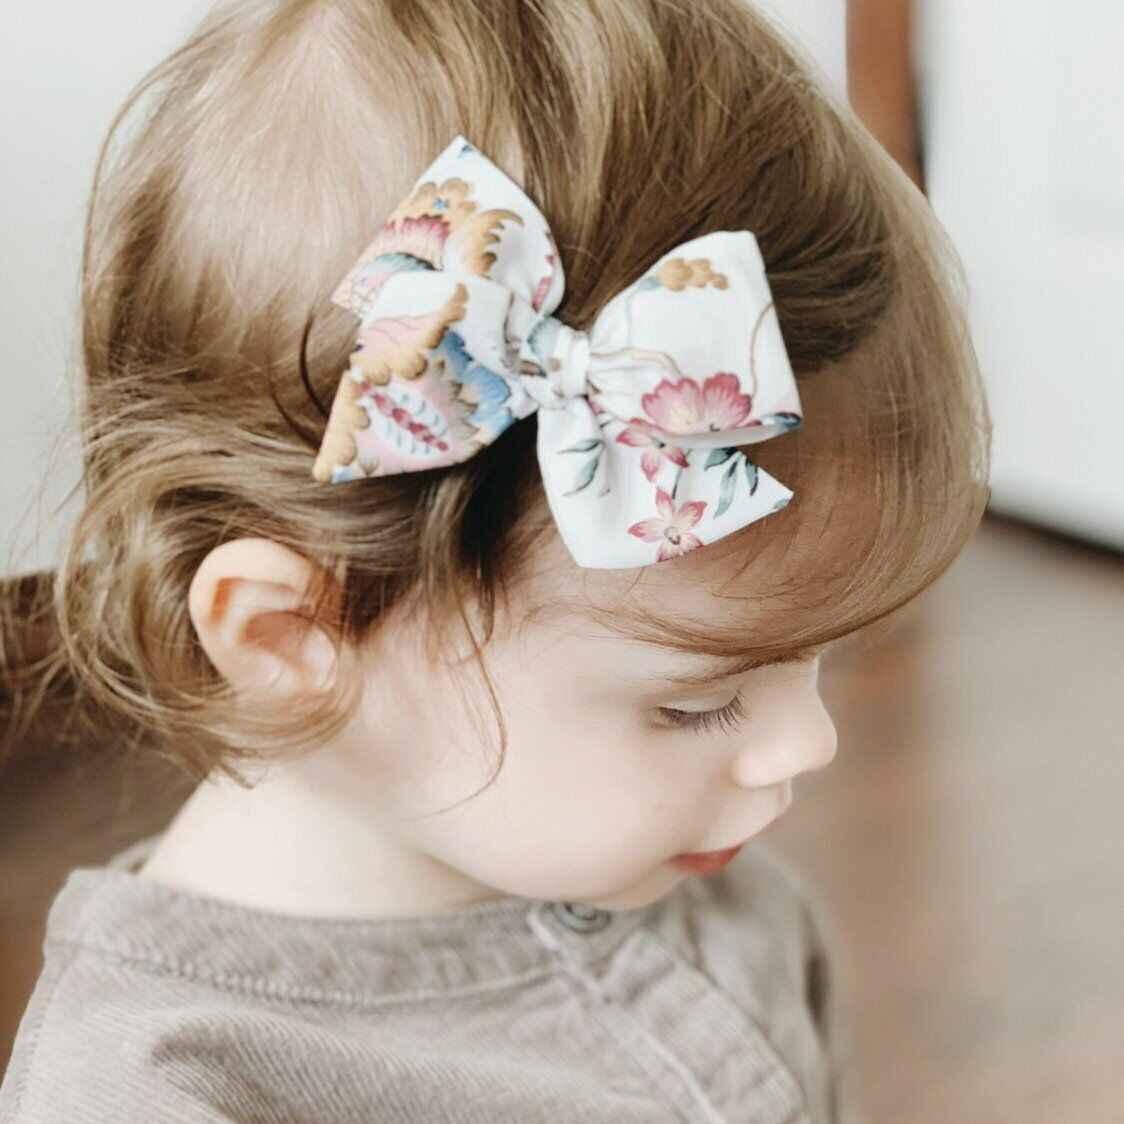 2 Pcs Thanh Thiếu Niên Tóc Lớn Cúi Chào Hôn Tóc Clip Cô Gái Trẻ Sơ Sinh Toddler Headband Bộ Mới